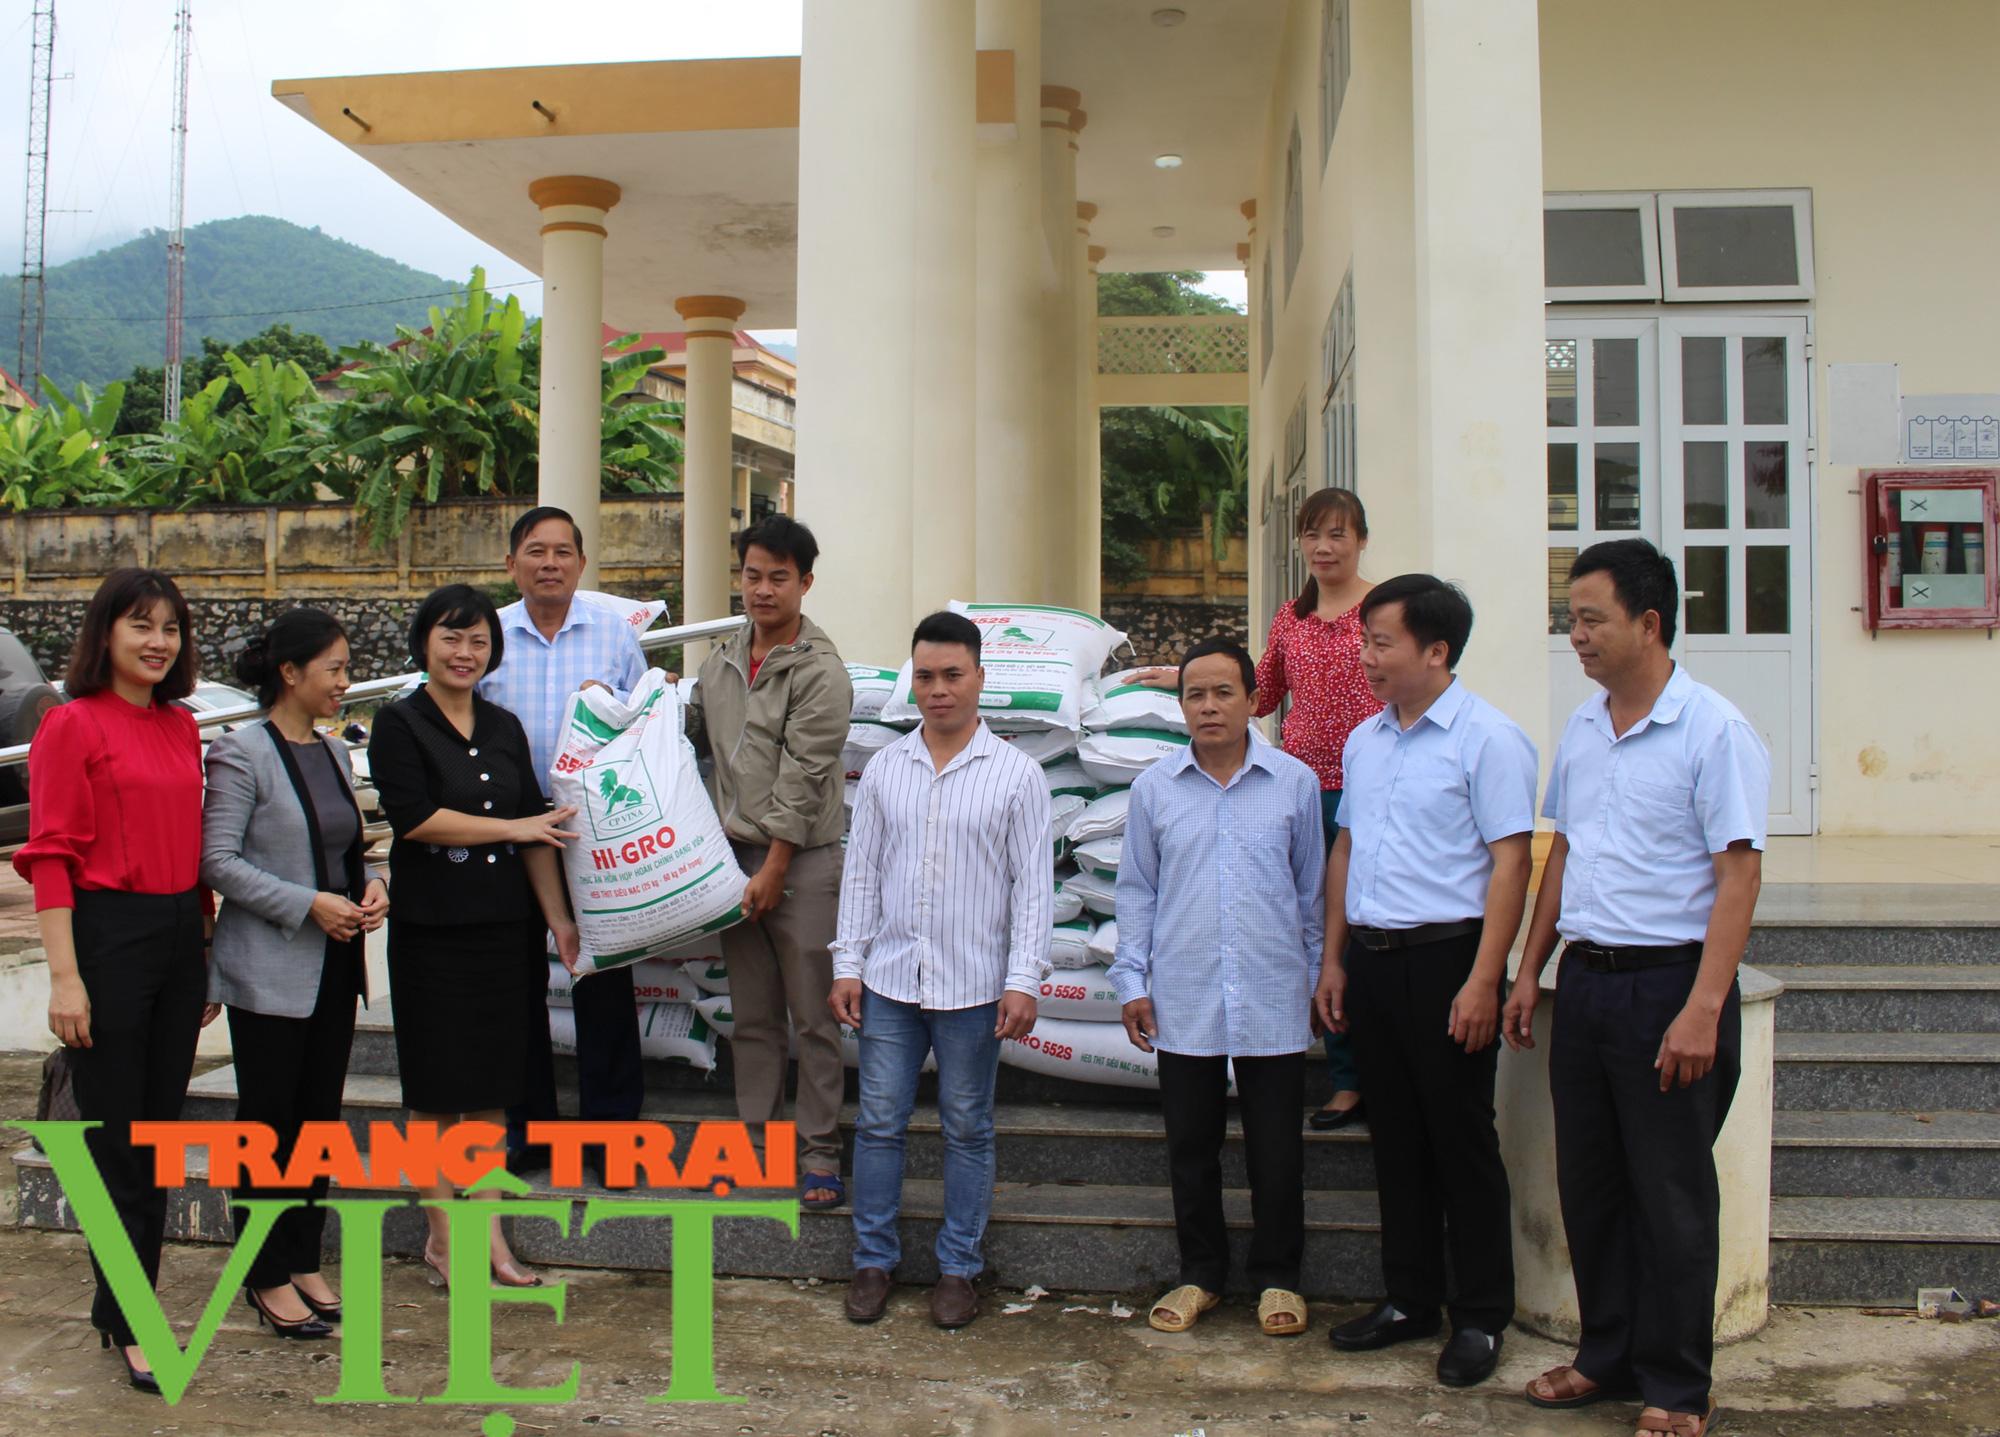 Hội Nông dân tỉnh Hòa Bình: Trao tặng lợn giống, vật tư chăn nuôi cho hội viên - Ảnh 3.